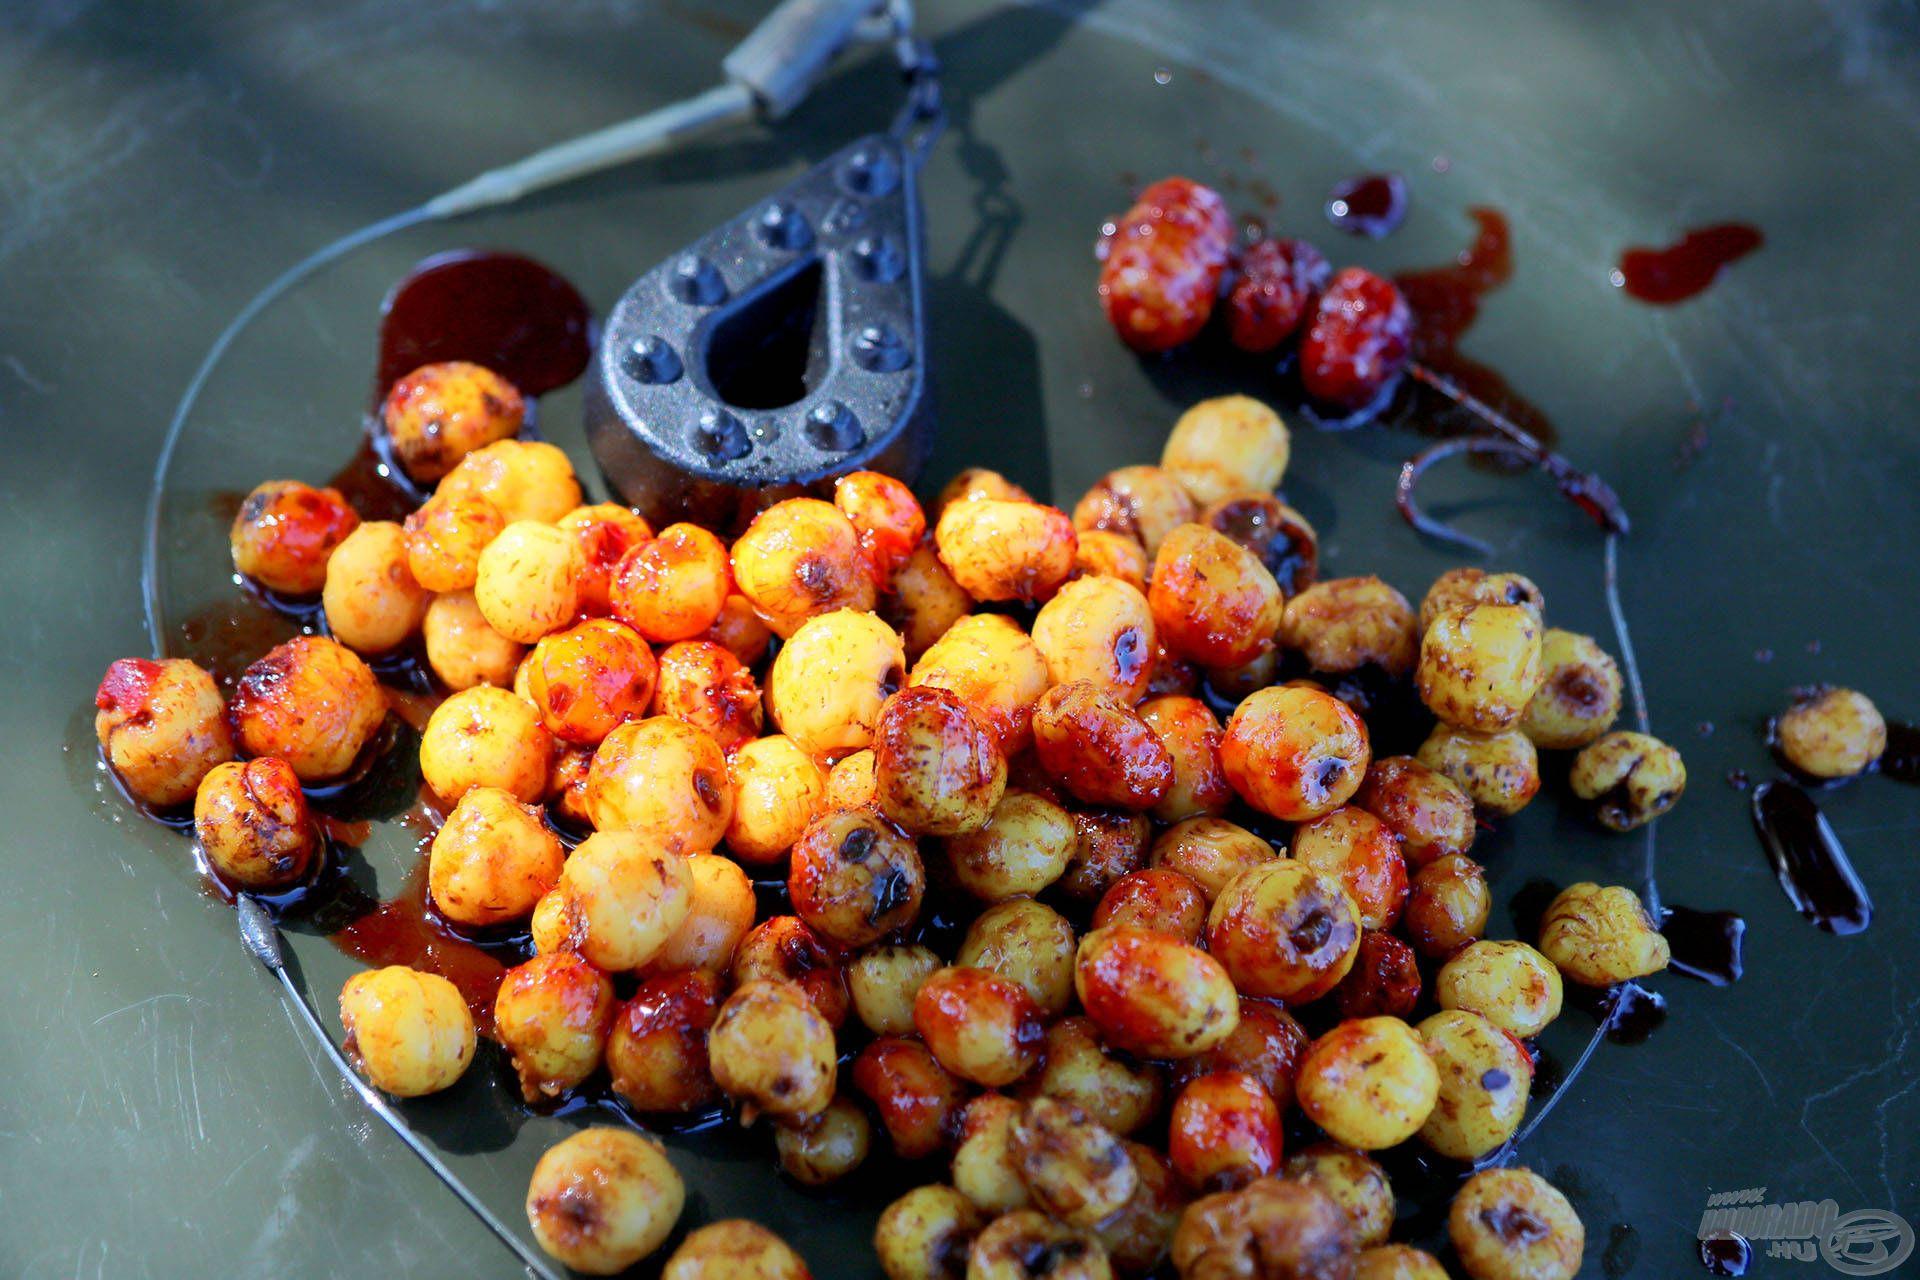 Chilis finomság és koncentrált etetés – ez gyakran segít